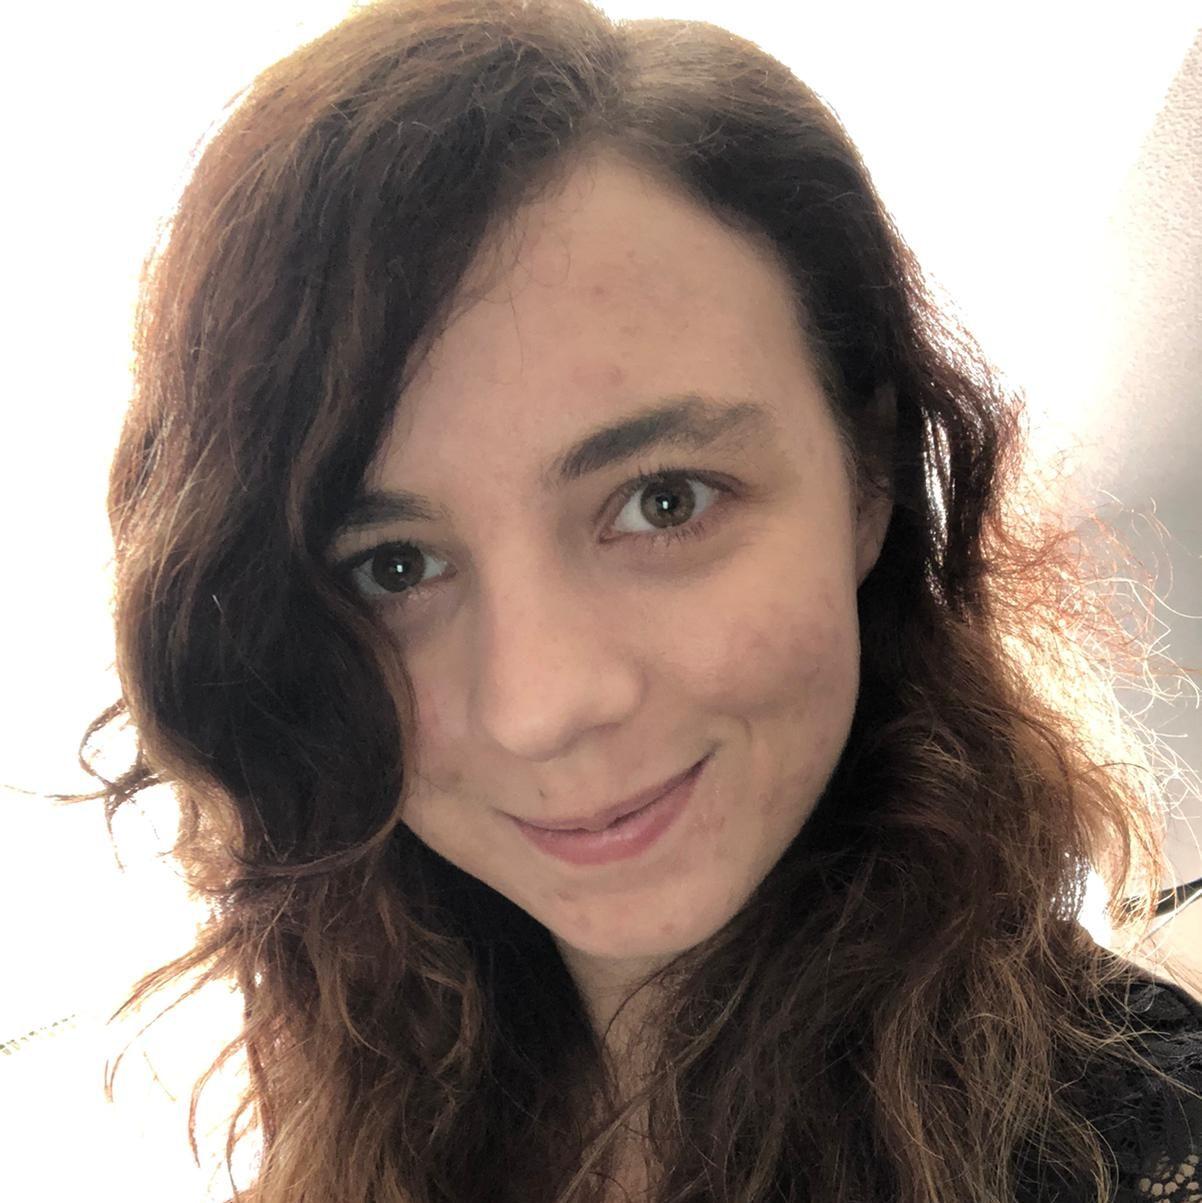 Hier siehst du unsere Workshopleiterin Nadine. Sie hat dunkelbraune Haare und braungrüne Augen und lächelt in die Kamera.